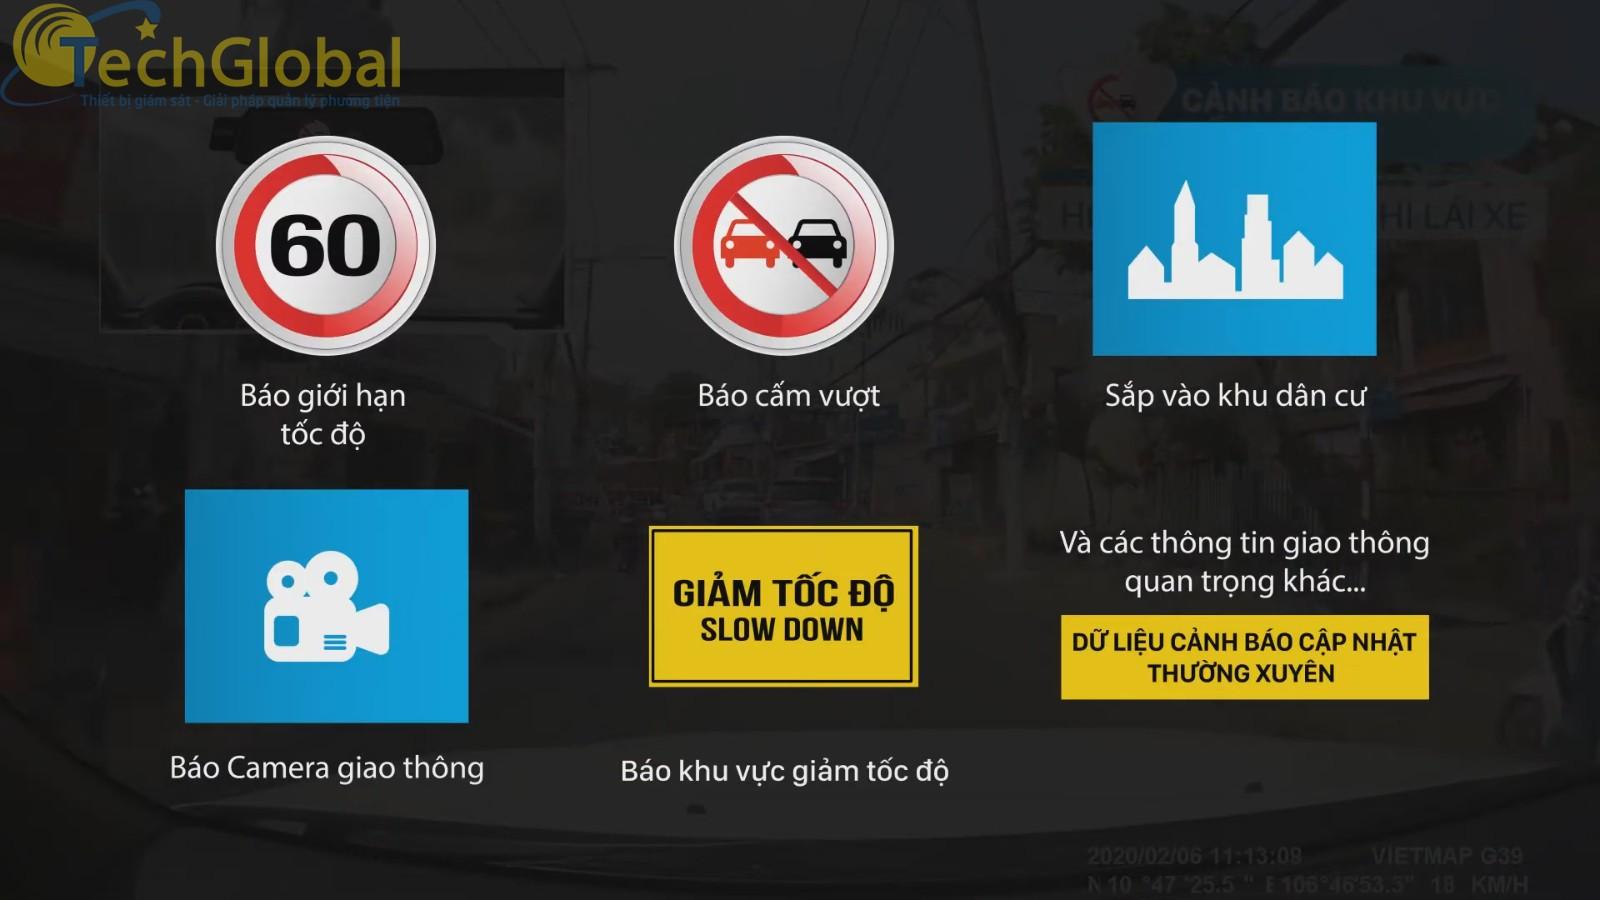 Vietmap G39 Cảnh báo thông tin giao thông bằng giọng nói